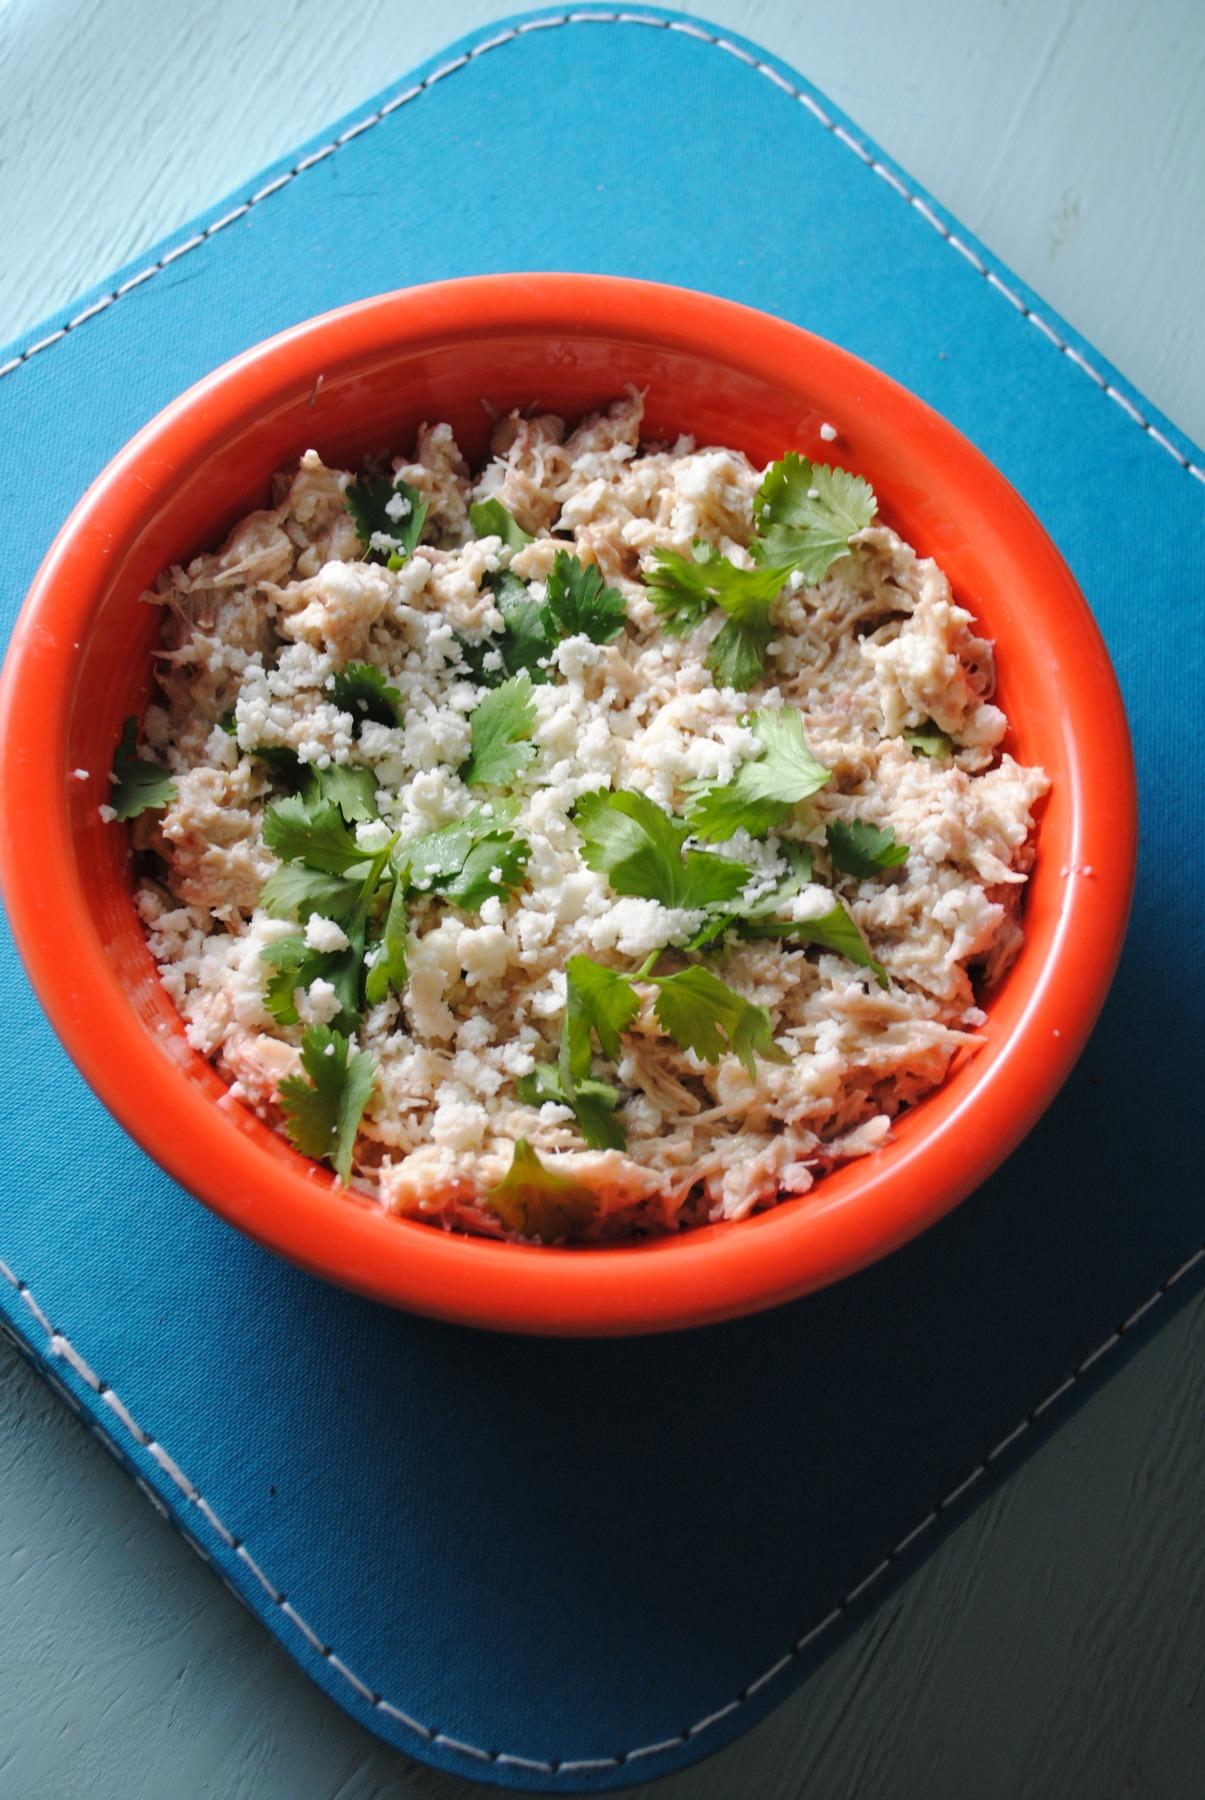 chicken-tomatillo-empanada-filling-VianneyRodriguez